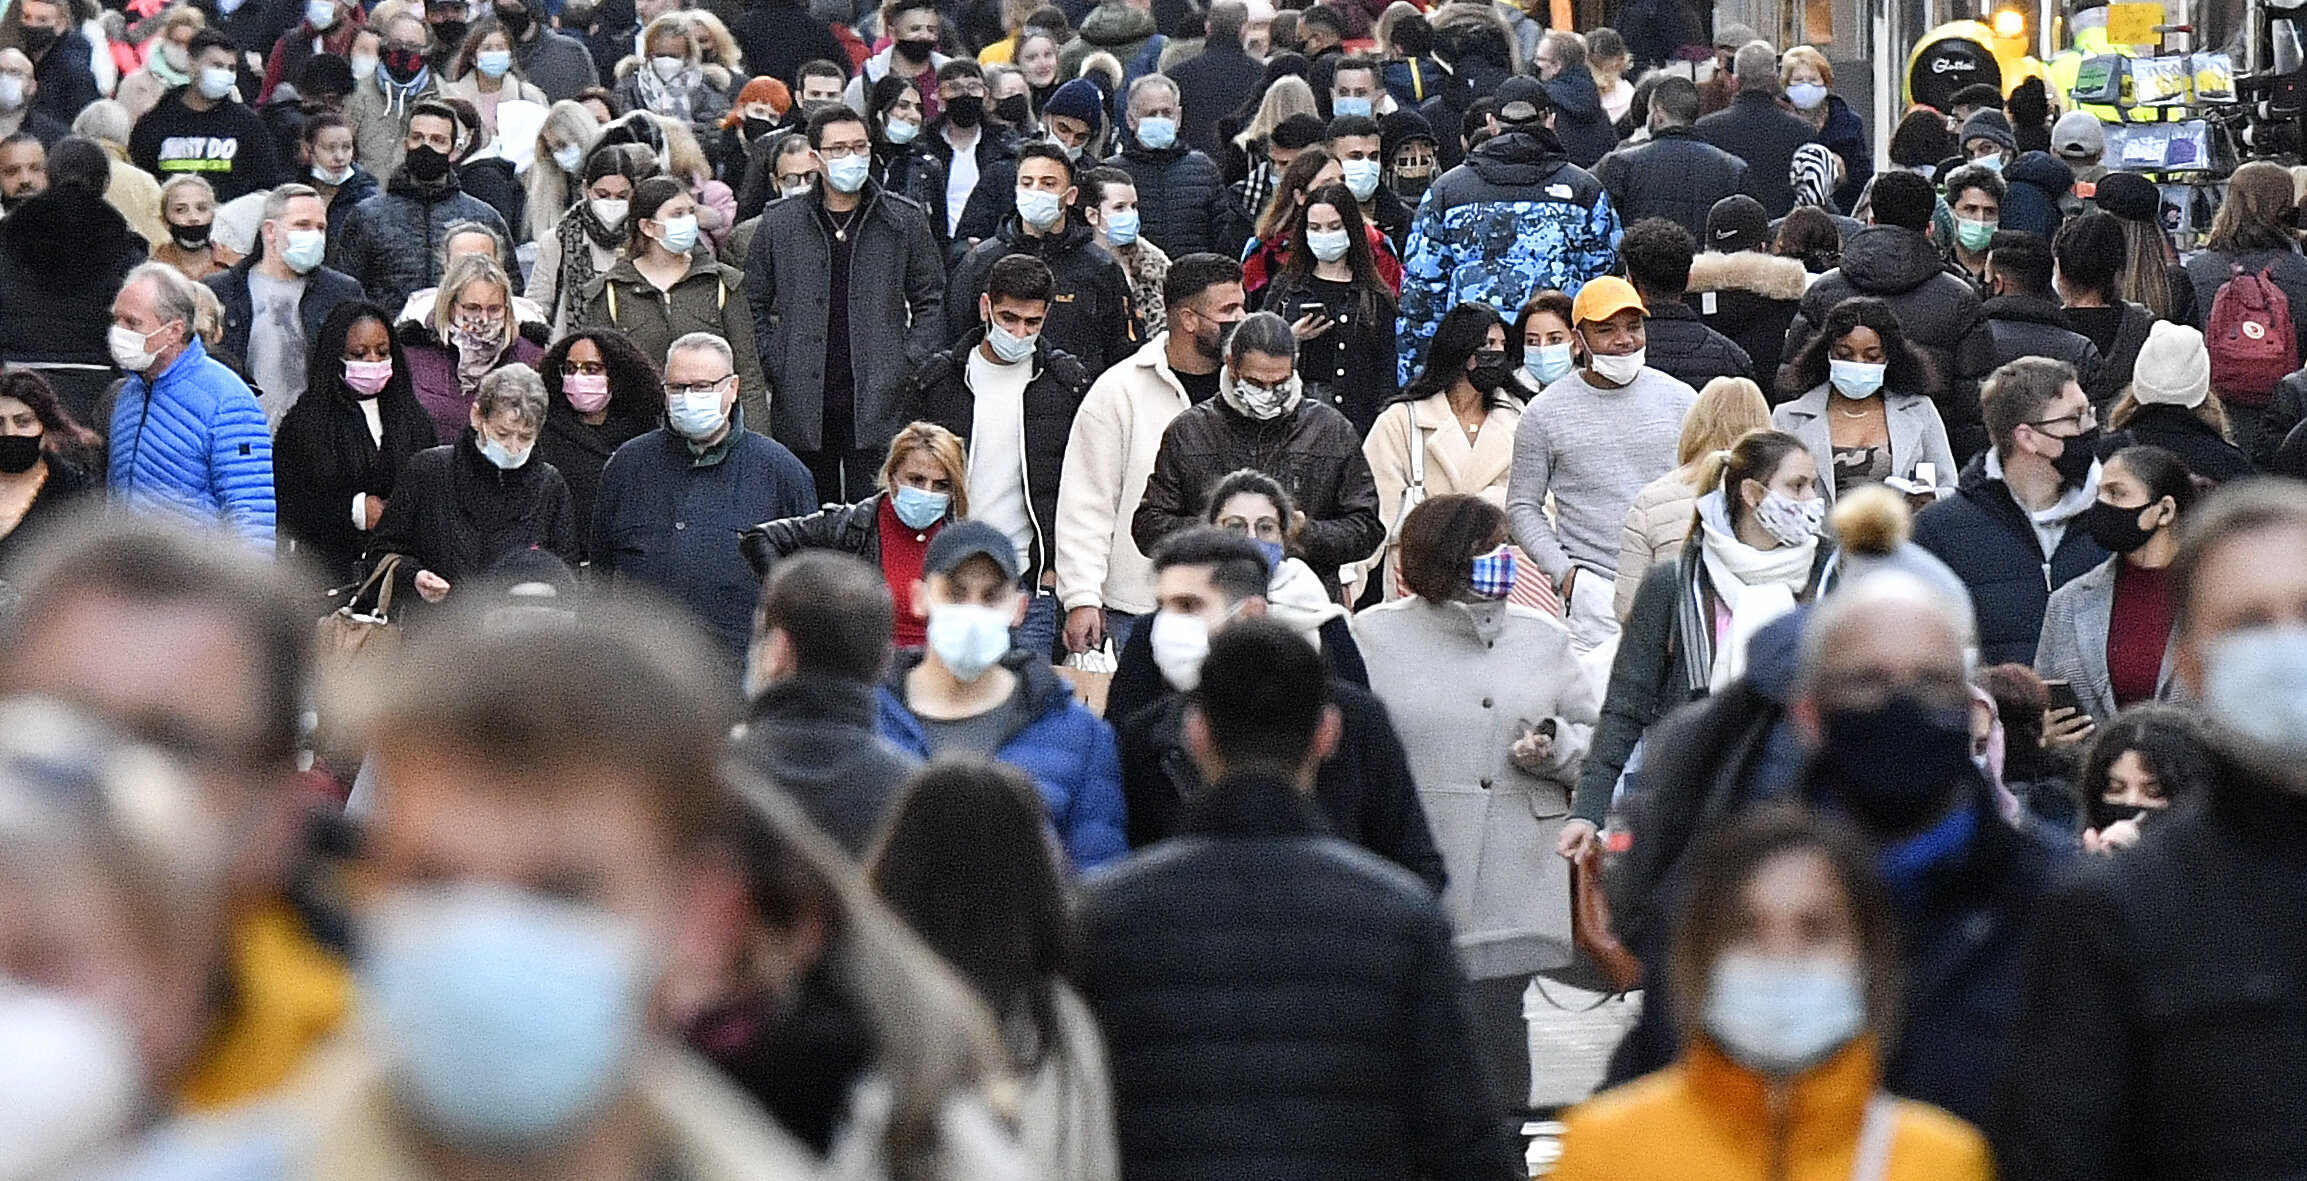 Misterul iernii| În plină epidemie Covid, lipsesc cazurile de gripă. Cercetătorii nu găsesc explicații, emit doar ipoteze